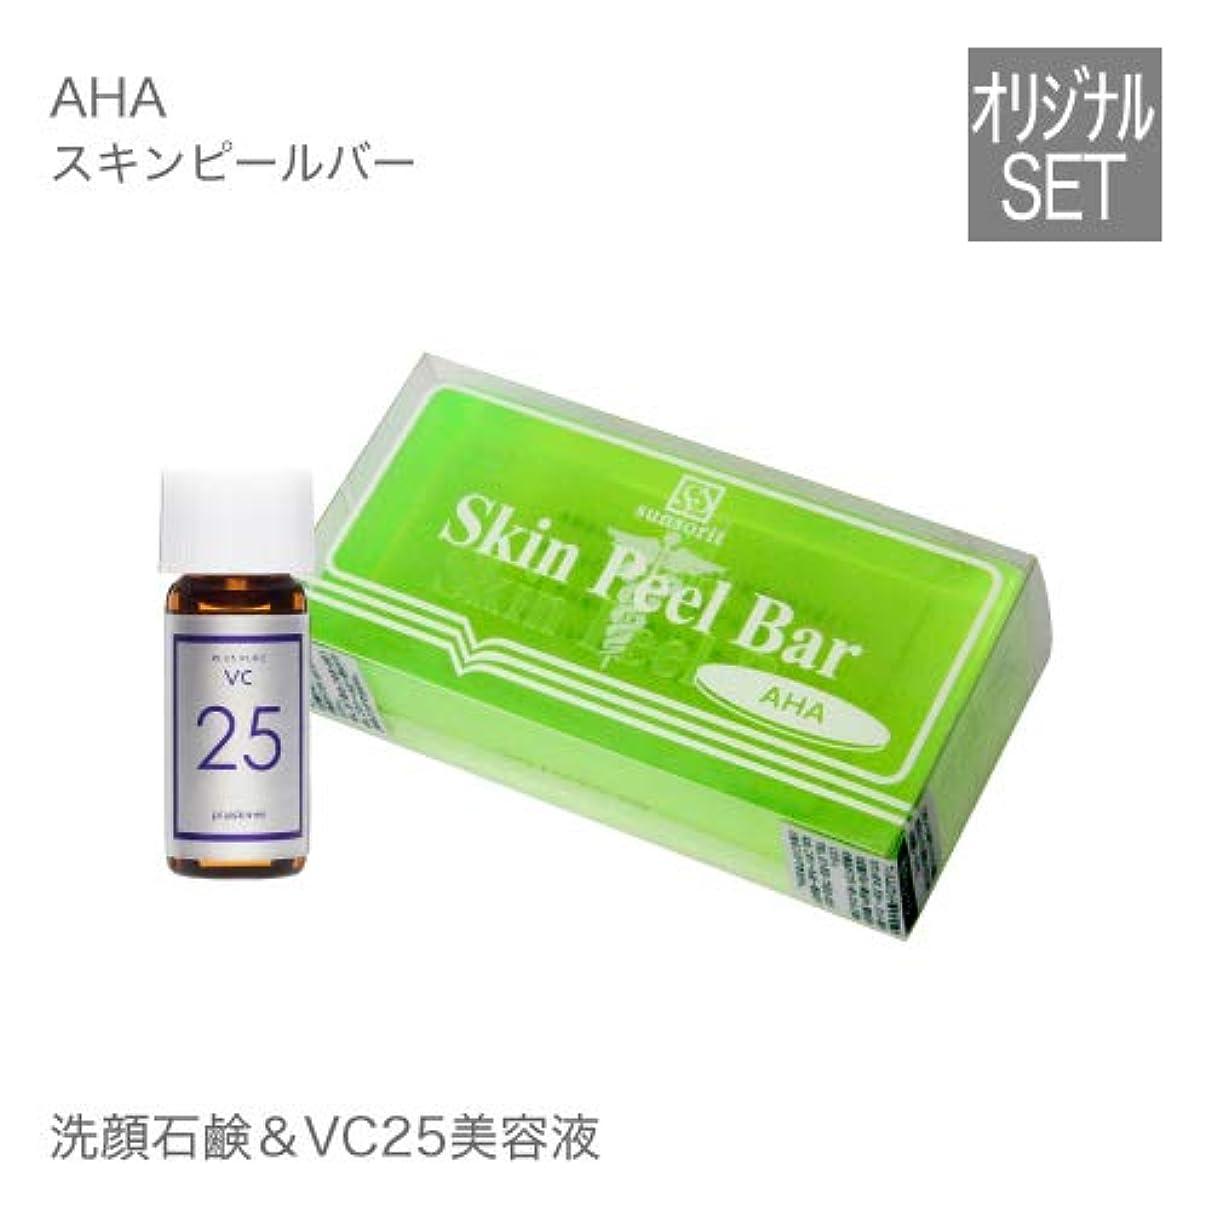 ポーチ申し込むカルシウムサンソリット スキンピールバー AHA + ピュア ビタミンC 美容液 プラスキレイ プラスピュアVC25 ミニ